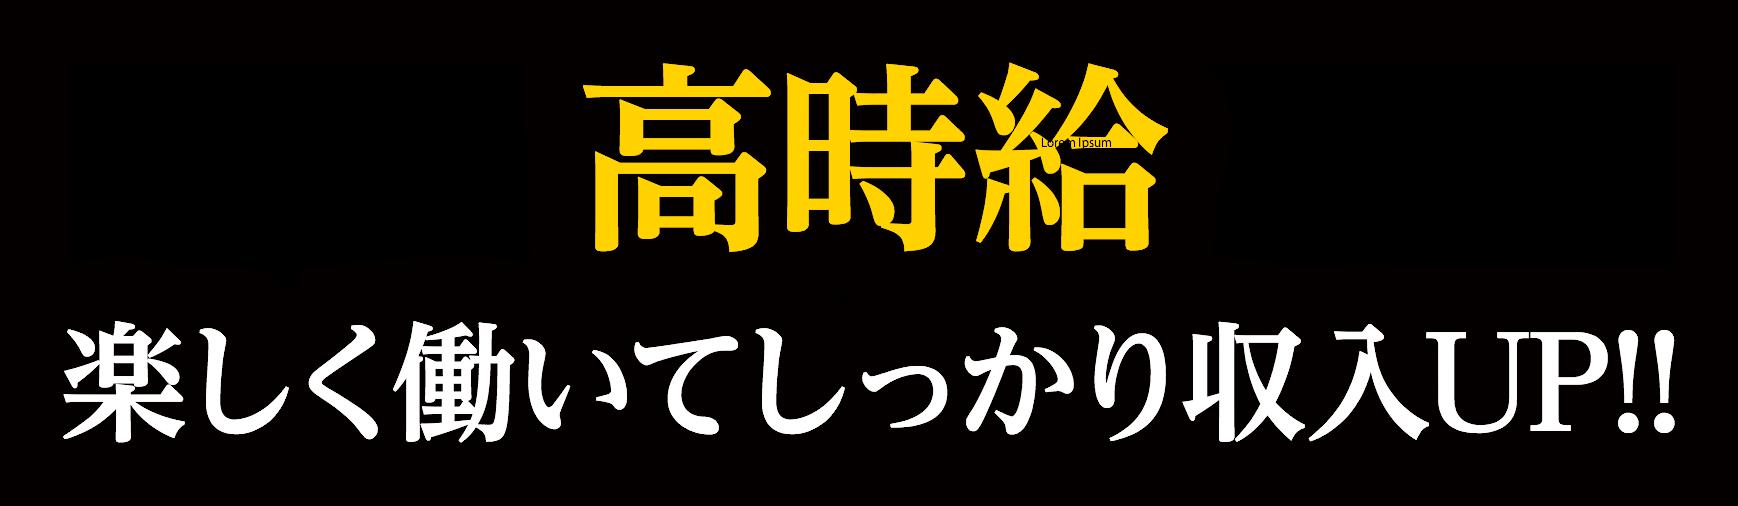 【高時給】楽しく働いてしっかり収入UP!!